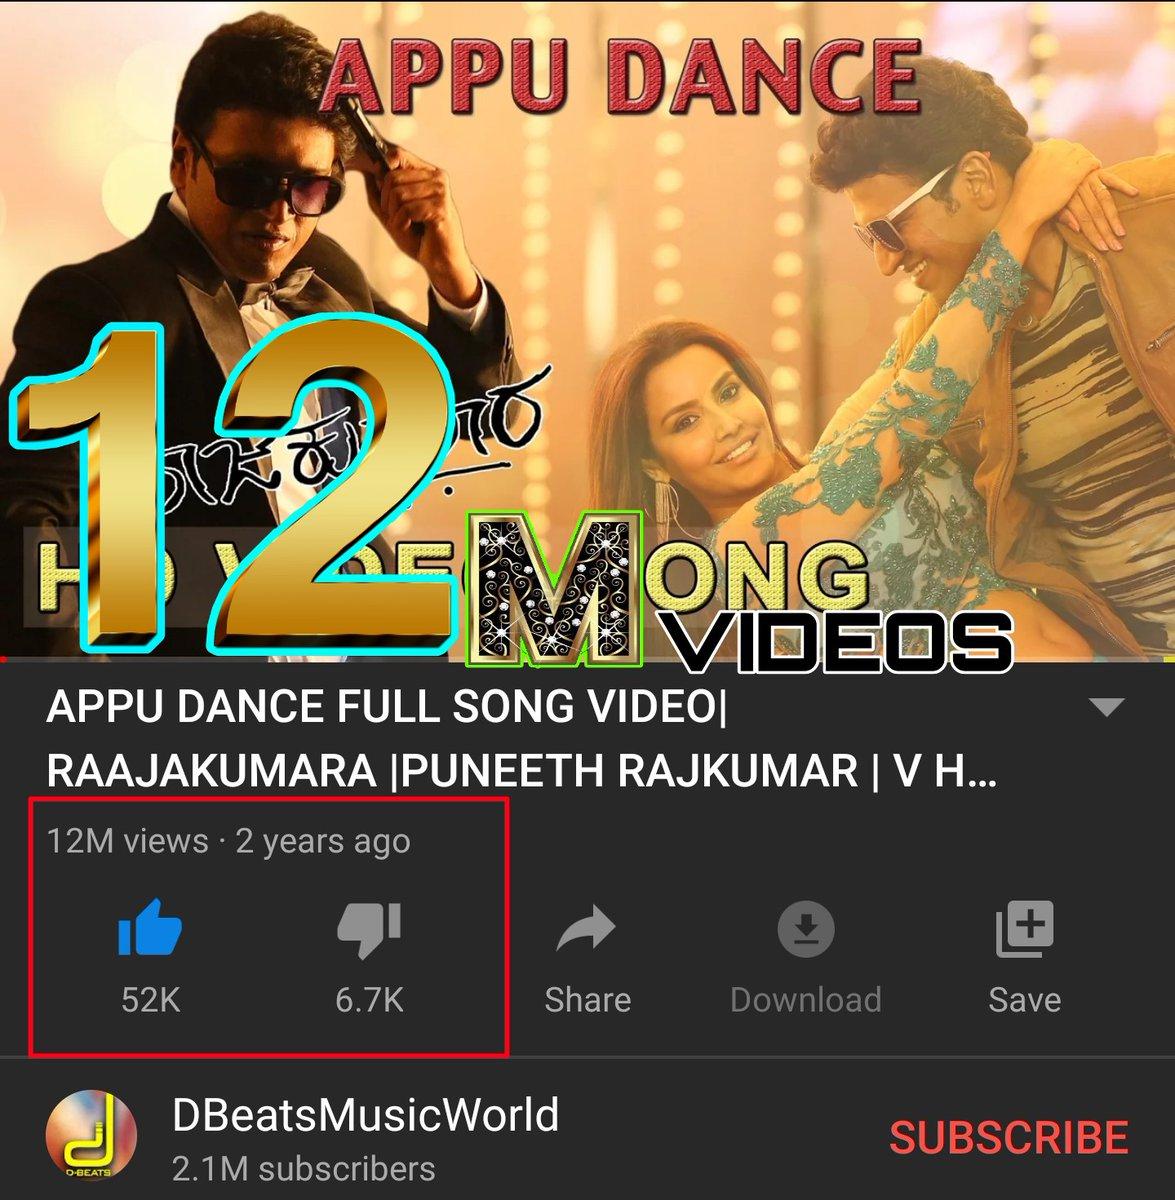 #Appudance Video Song COMPLETED 12M Views Click On The Link  #DrRajkumar #Rajkumar #Annavaru #Appu #AppuBoss #PRK #PuneethRajkumar  #BossOfSandalwoodShivaRajkumar   #ShivaRajkumar #Shivanna   #RaghavendraRajkumar #YuvaRajkumar #VinayRajkumar  #yuvarathnaa